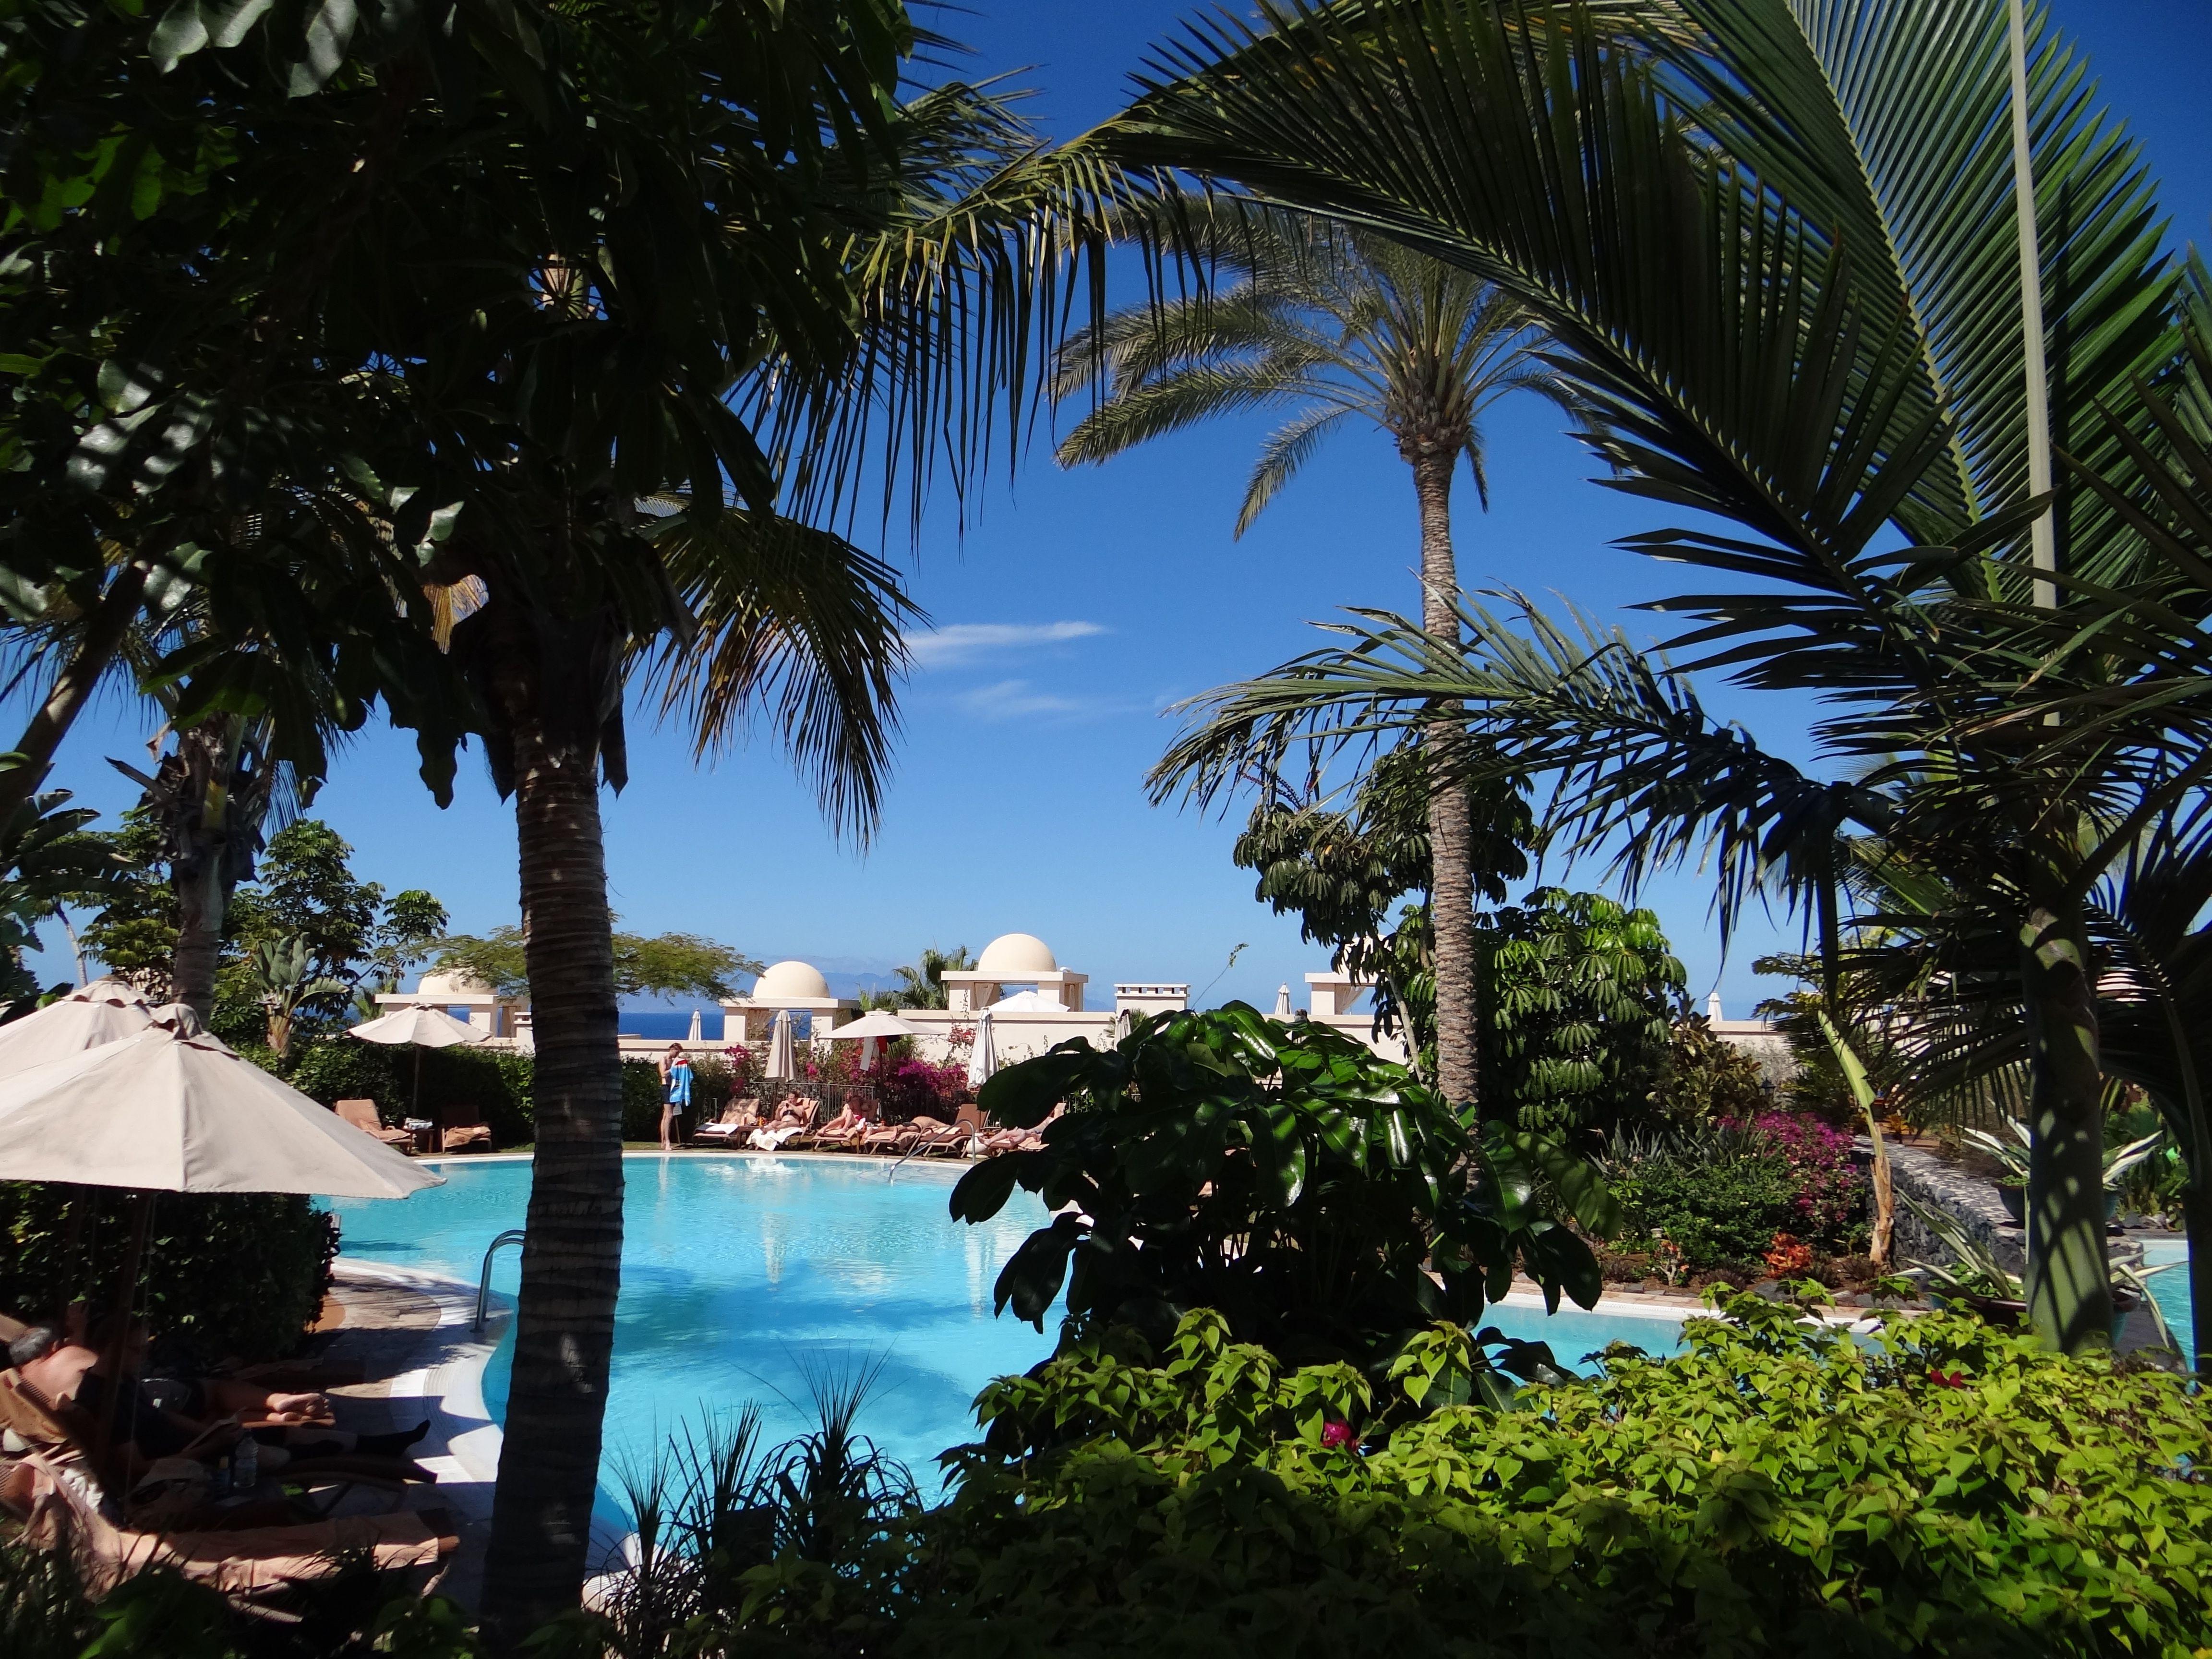 Vincci hotel La Plantacion del sur Costa Adeje (con